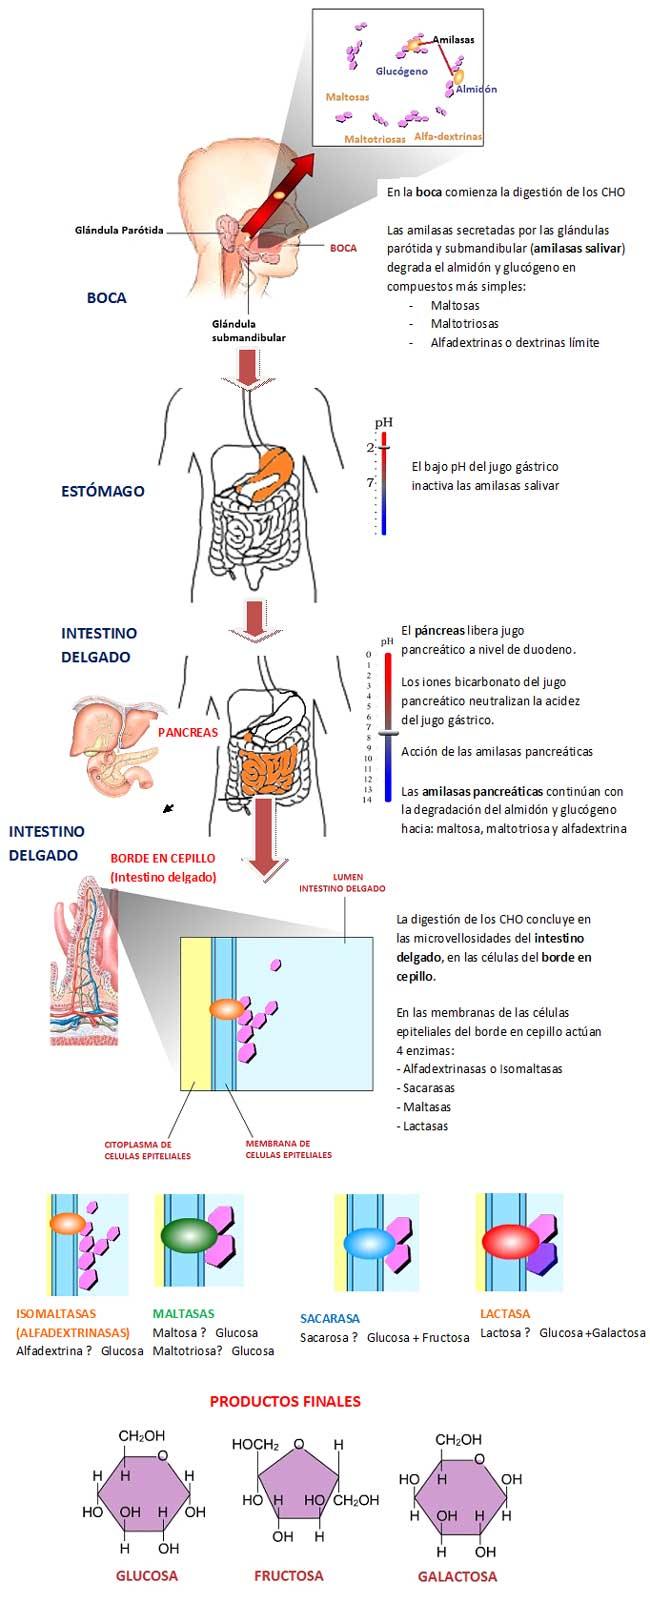 propionato de testosterona mas estanozolol